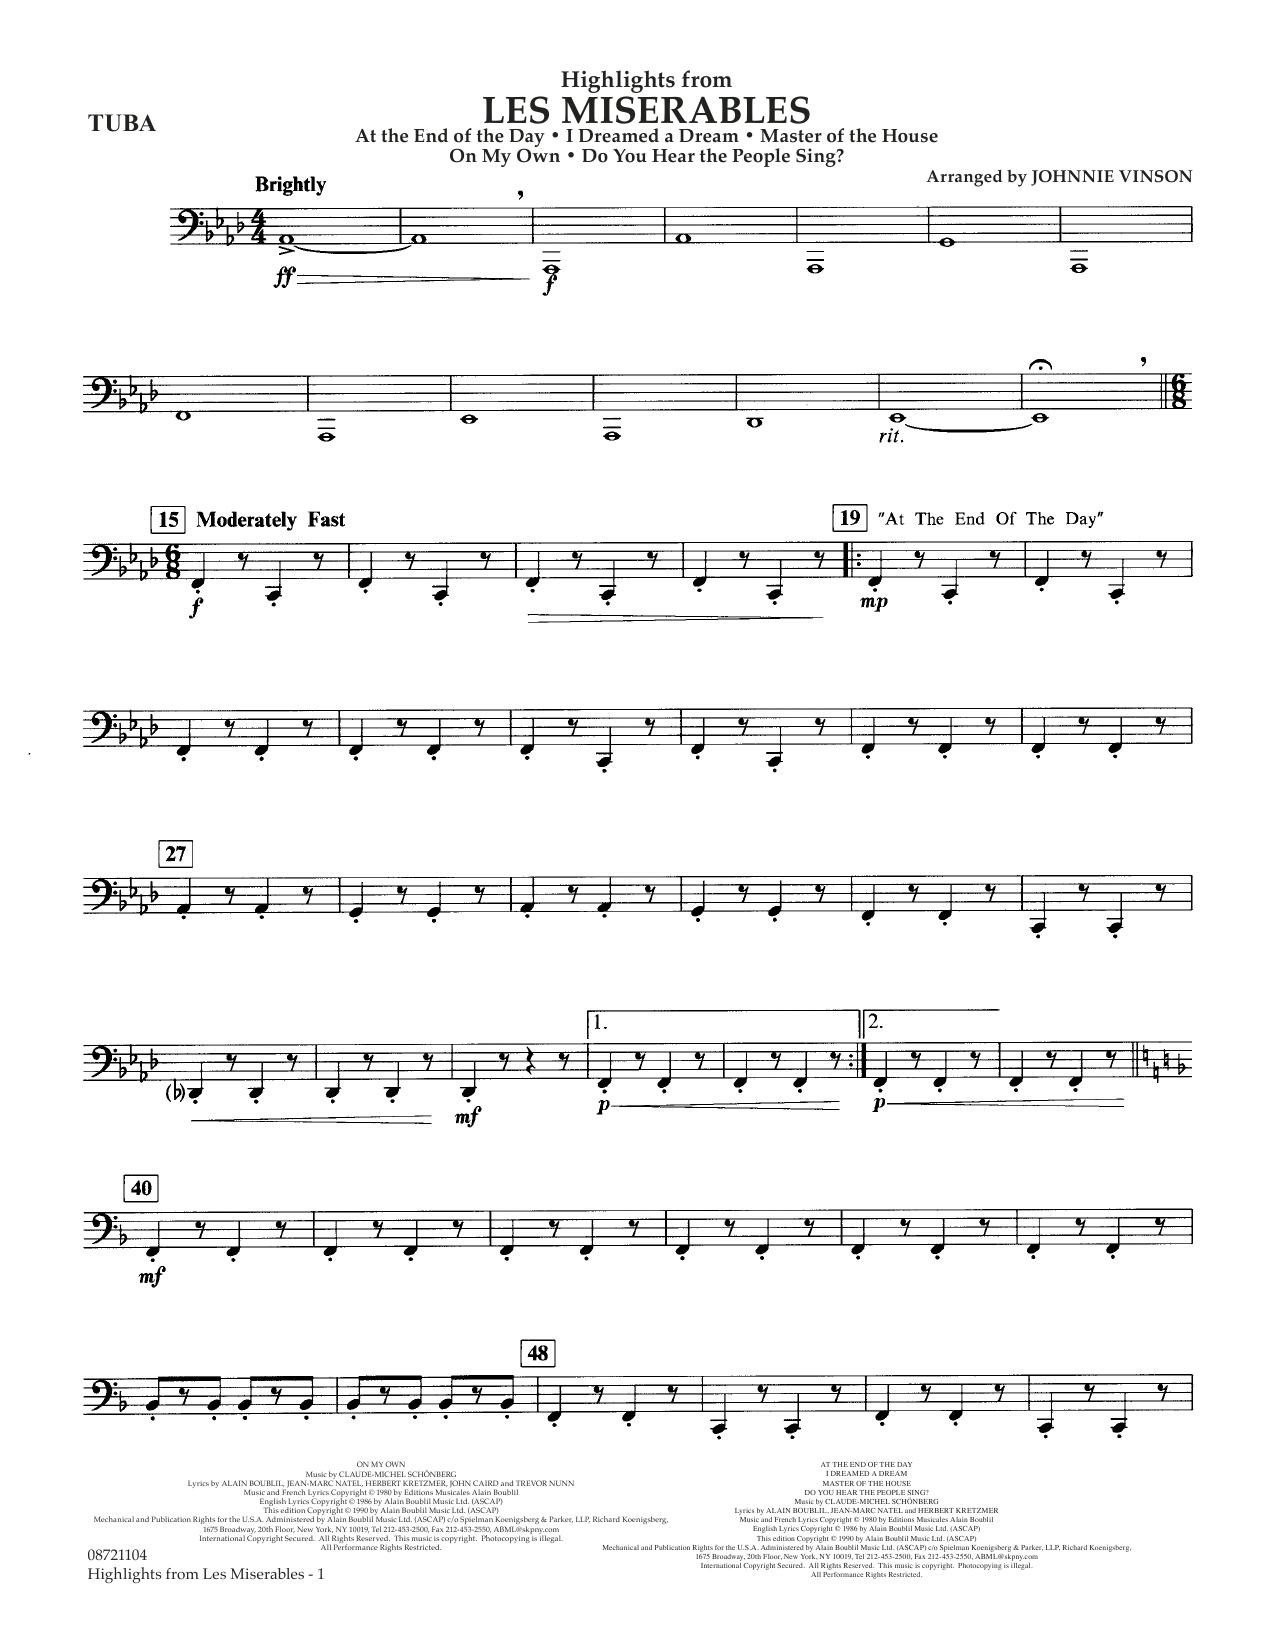 Highlights from Les Misérables (arr. Johnnie Vinson) - Tuba (Concert Band)